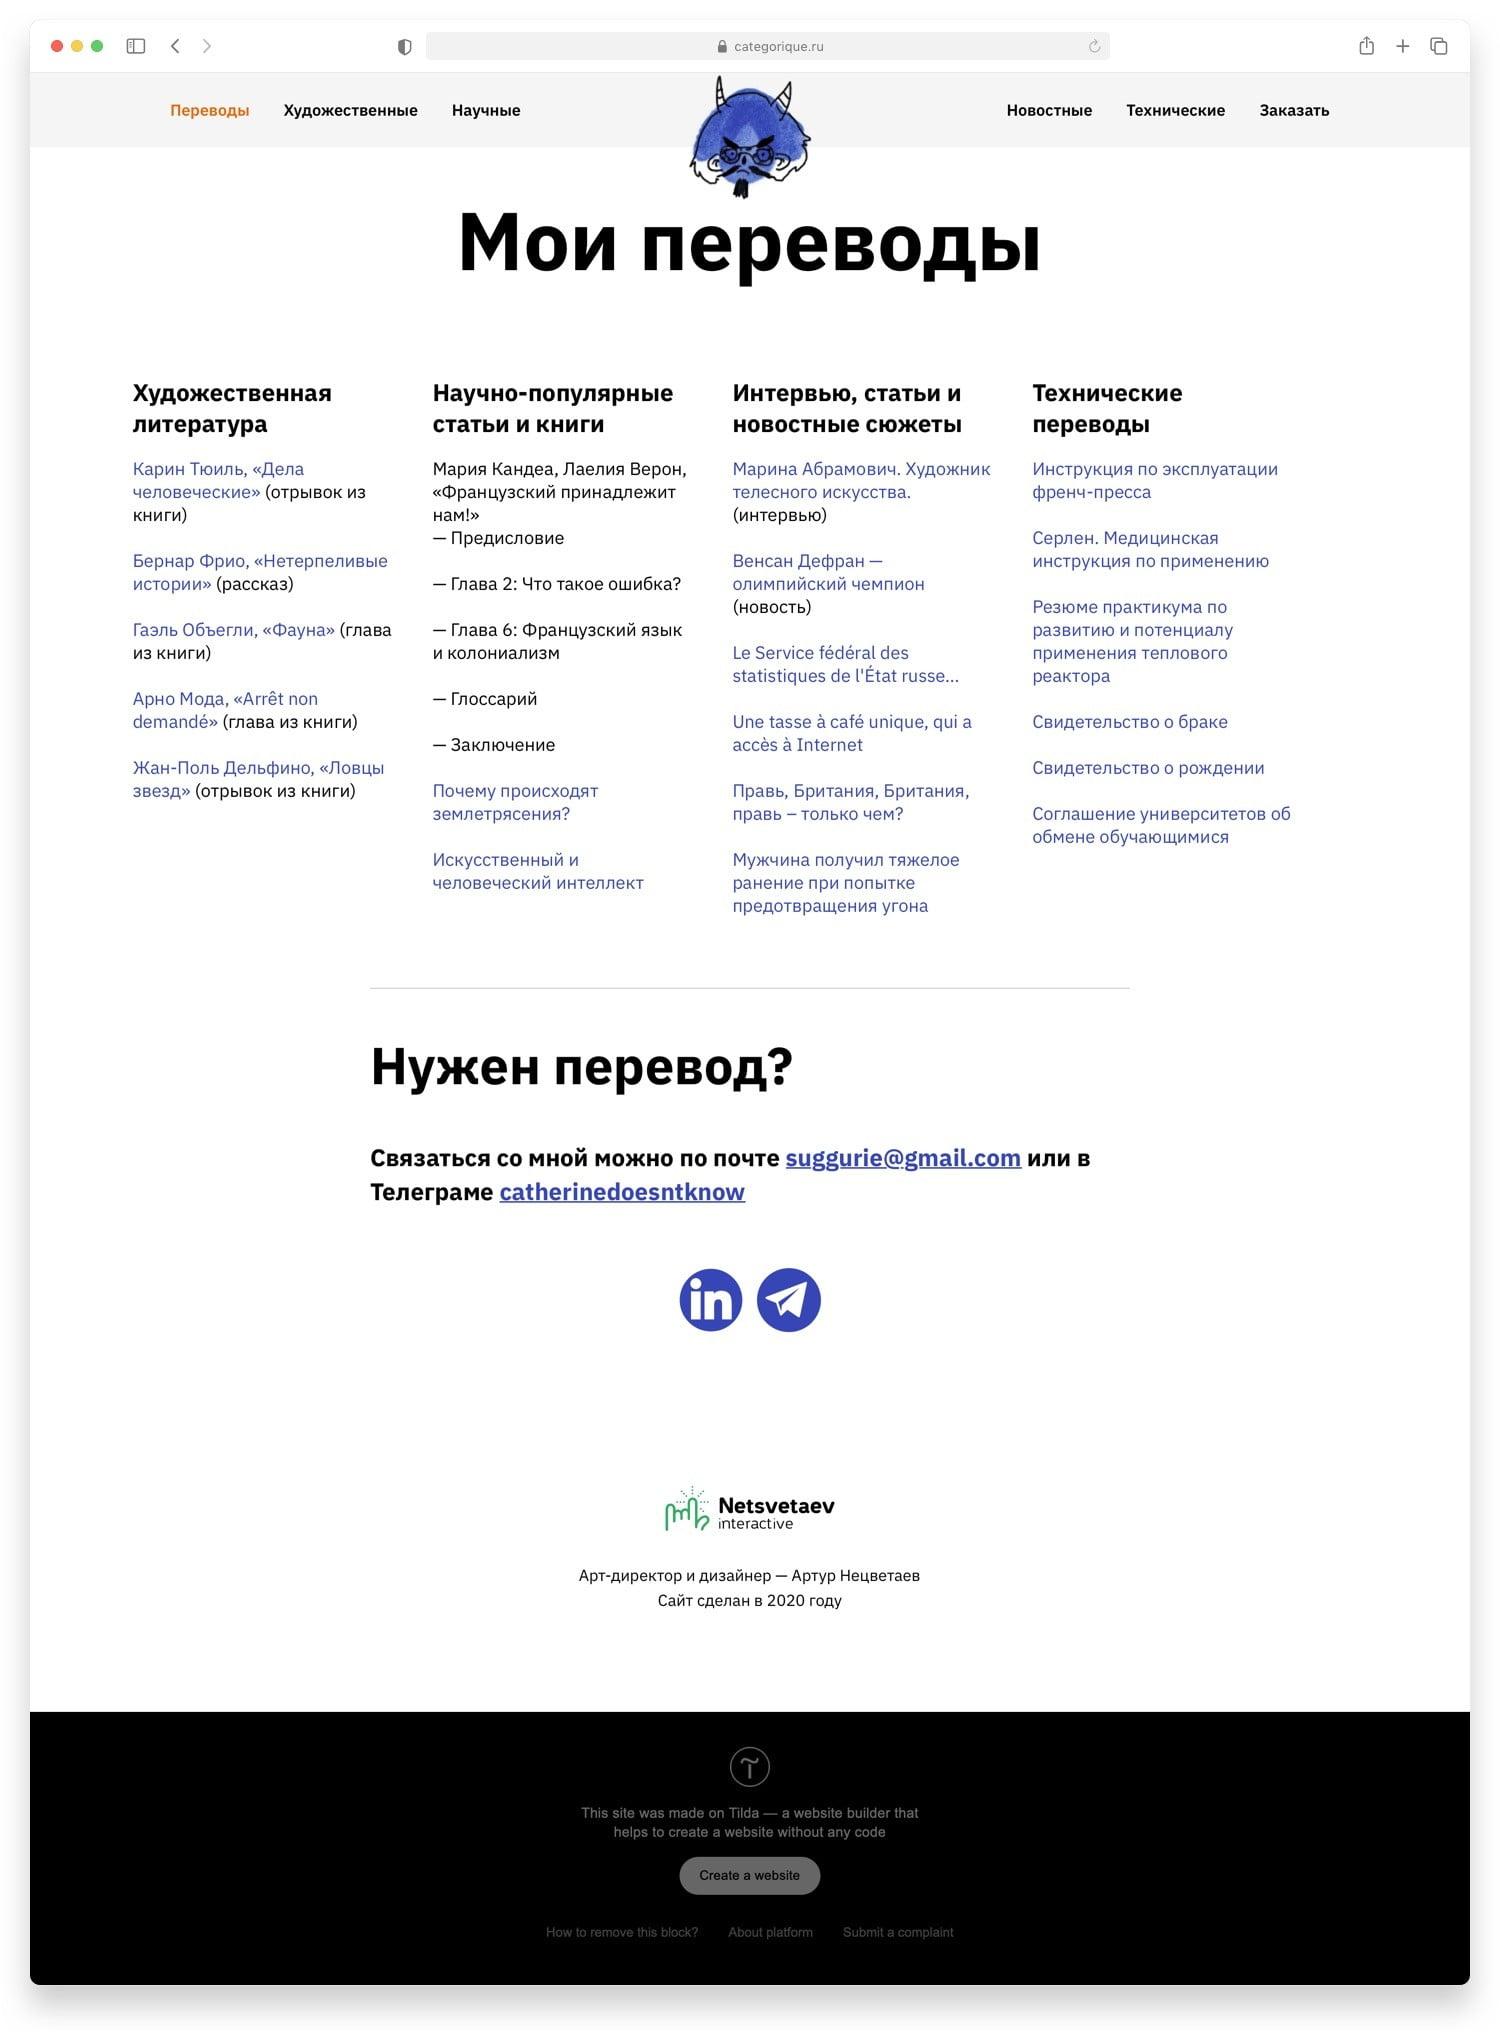 Categorique.ru — сайт переводчика Сайт Артура Нецветаева — сайты, приложения, прототипы и оформление интерфейсов categorique translations desktop 1 artur netsvetaev design